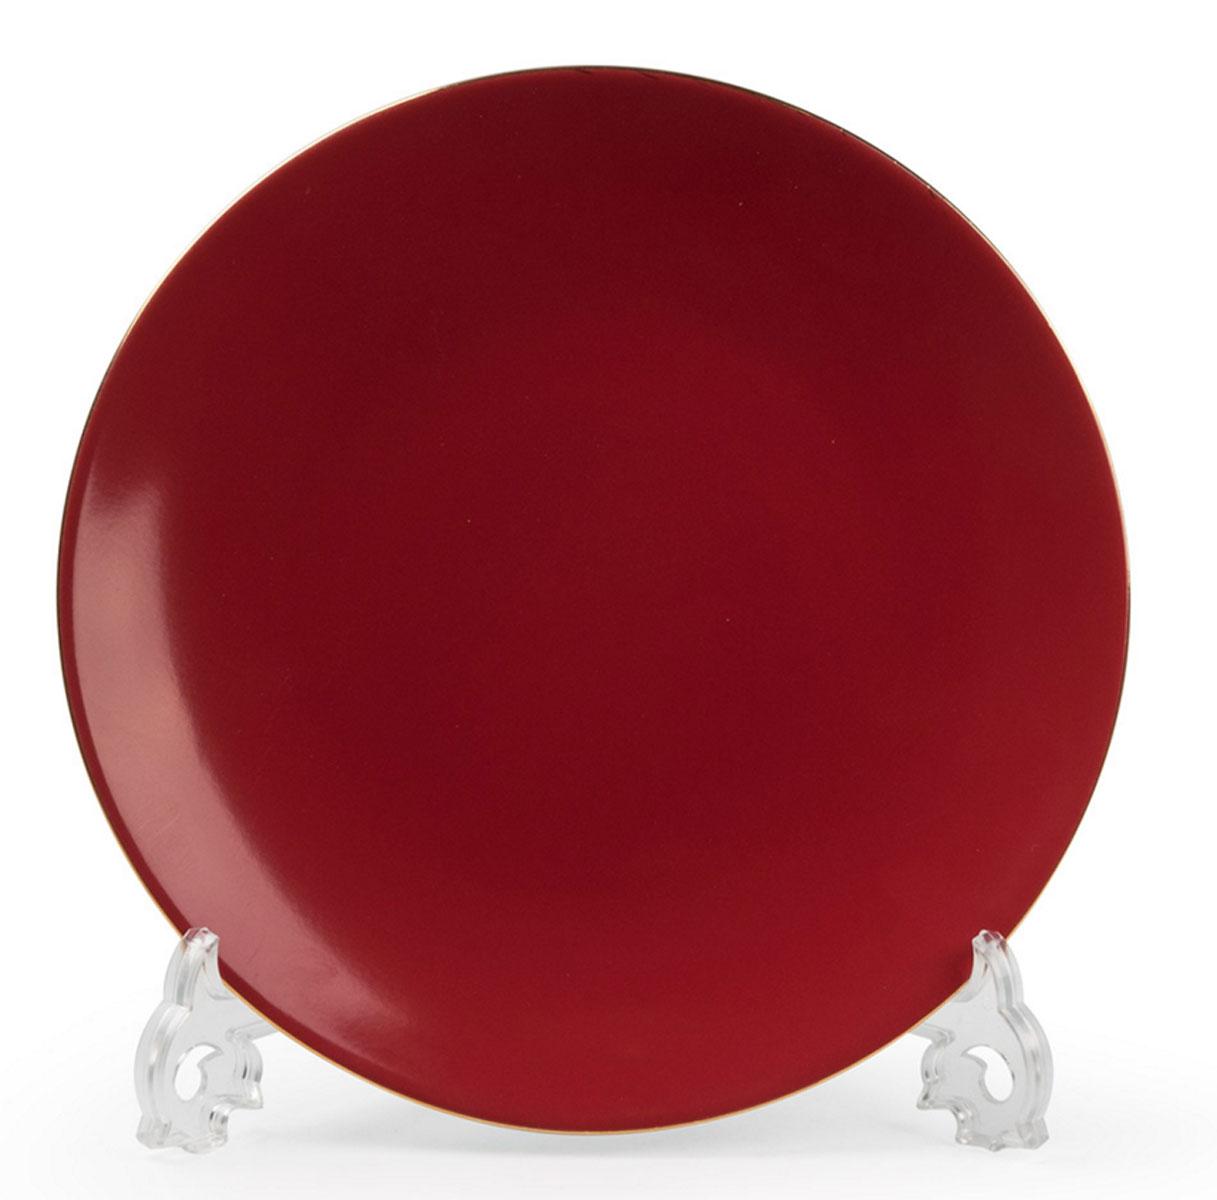 Monalisa 3125 набор глубоких тарелок*6 шт, цвет: красный с золотомVT-1520(SR)в наборе глубокая тарелка 6 штук Материал: фарфор: цвет: красный с золотомСерия: MONALISA